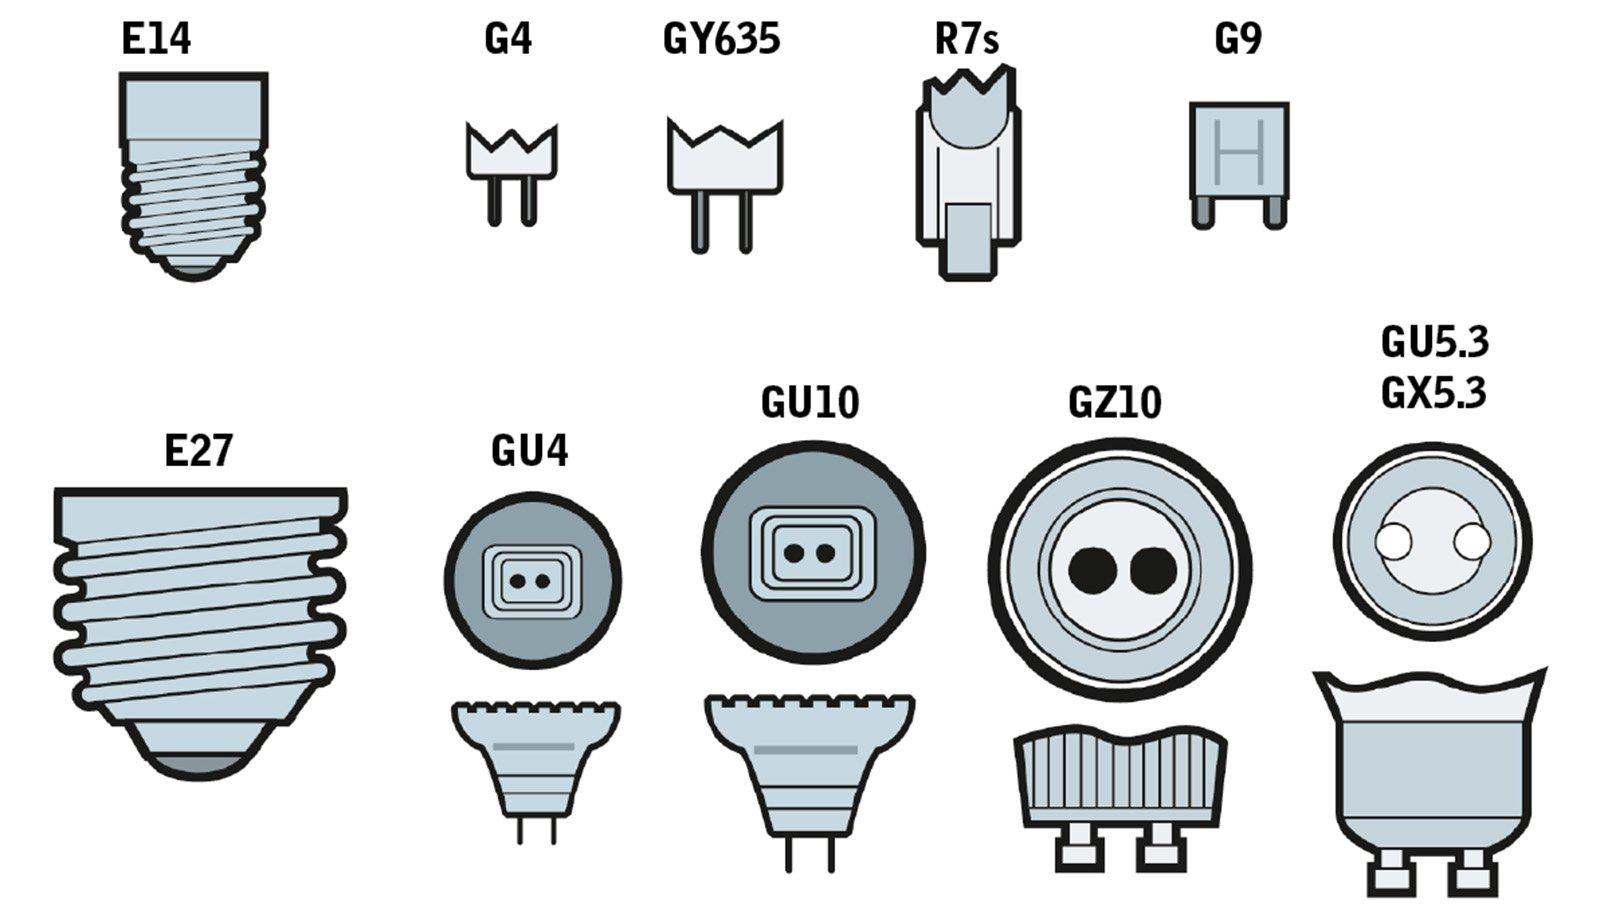 tre tipi di lampadine sono disponibili con i seguenti attacchi: